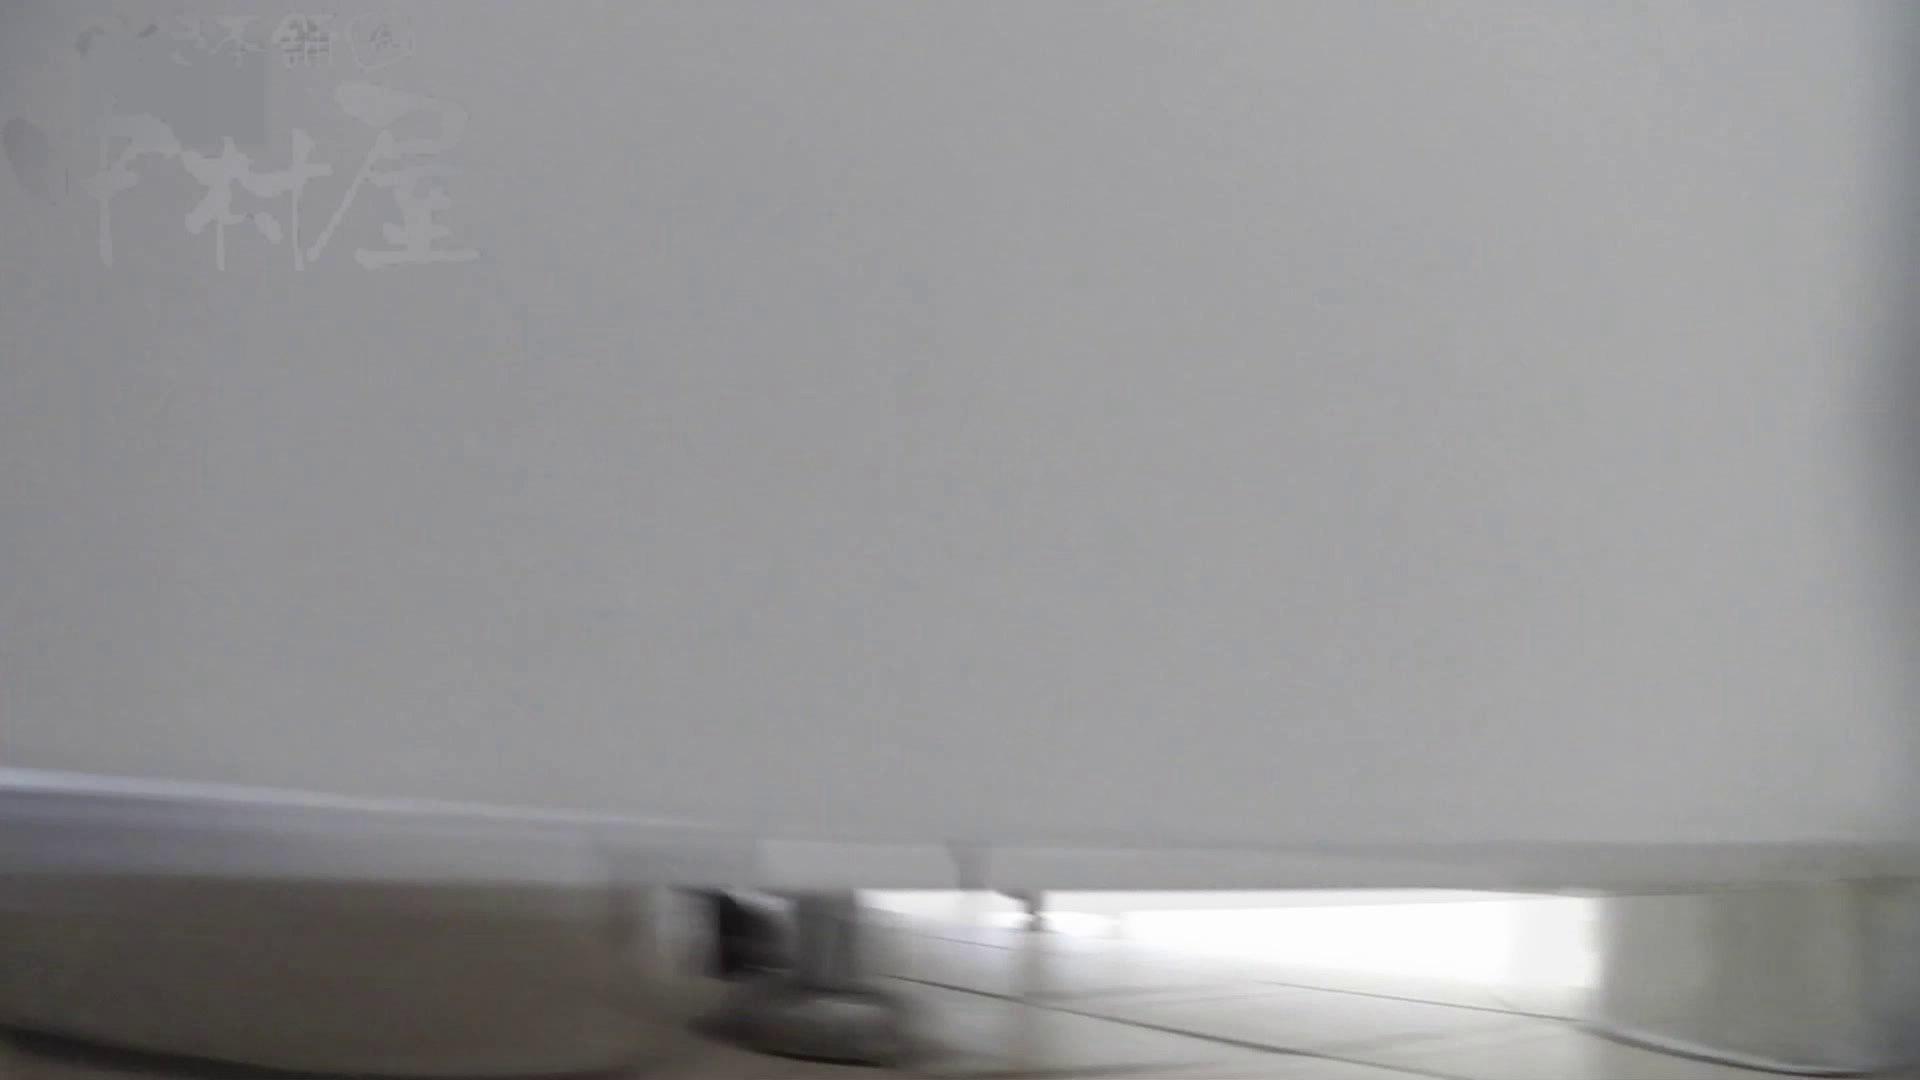 美しい日本の未来 No.06 更に侵入フロント究極な画質 盗撮シリーズ AV動画キャプチャ 75PIX 56